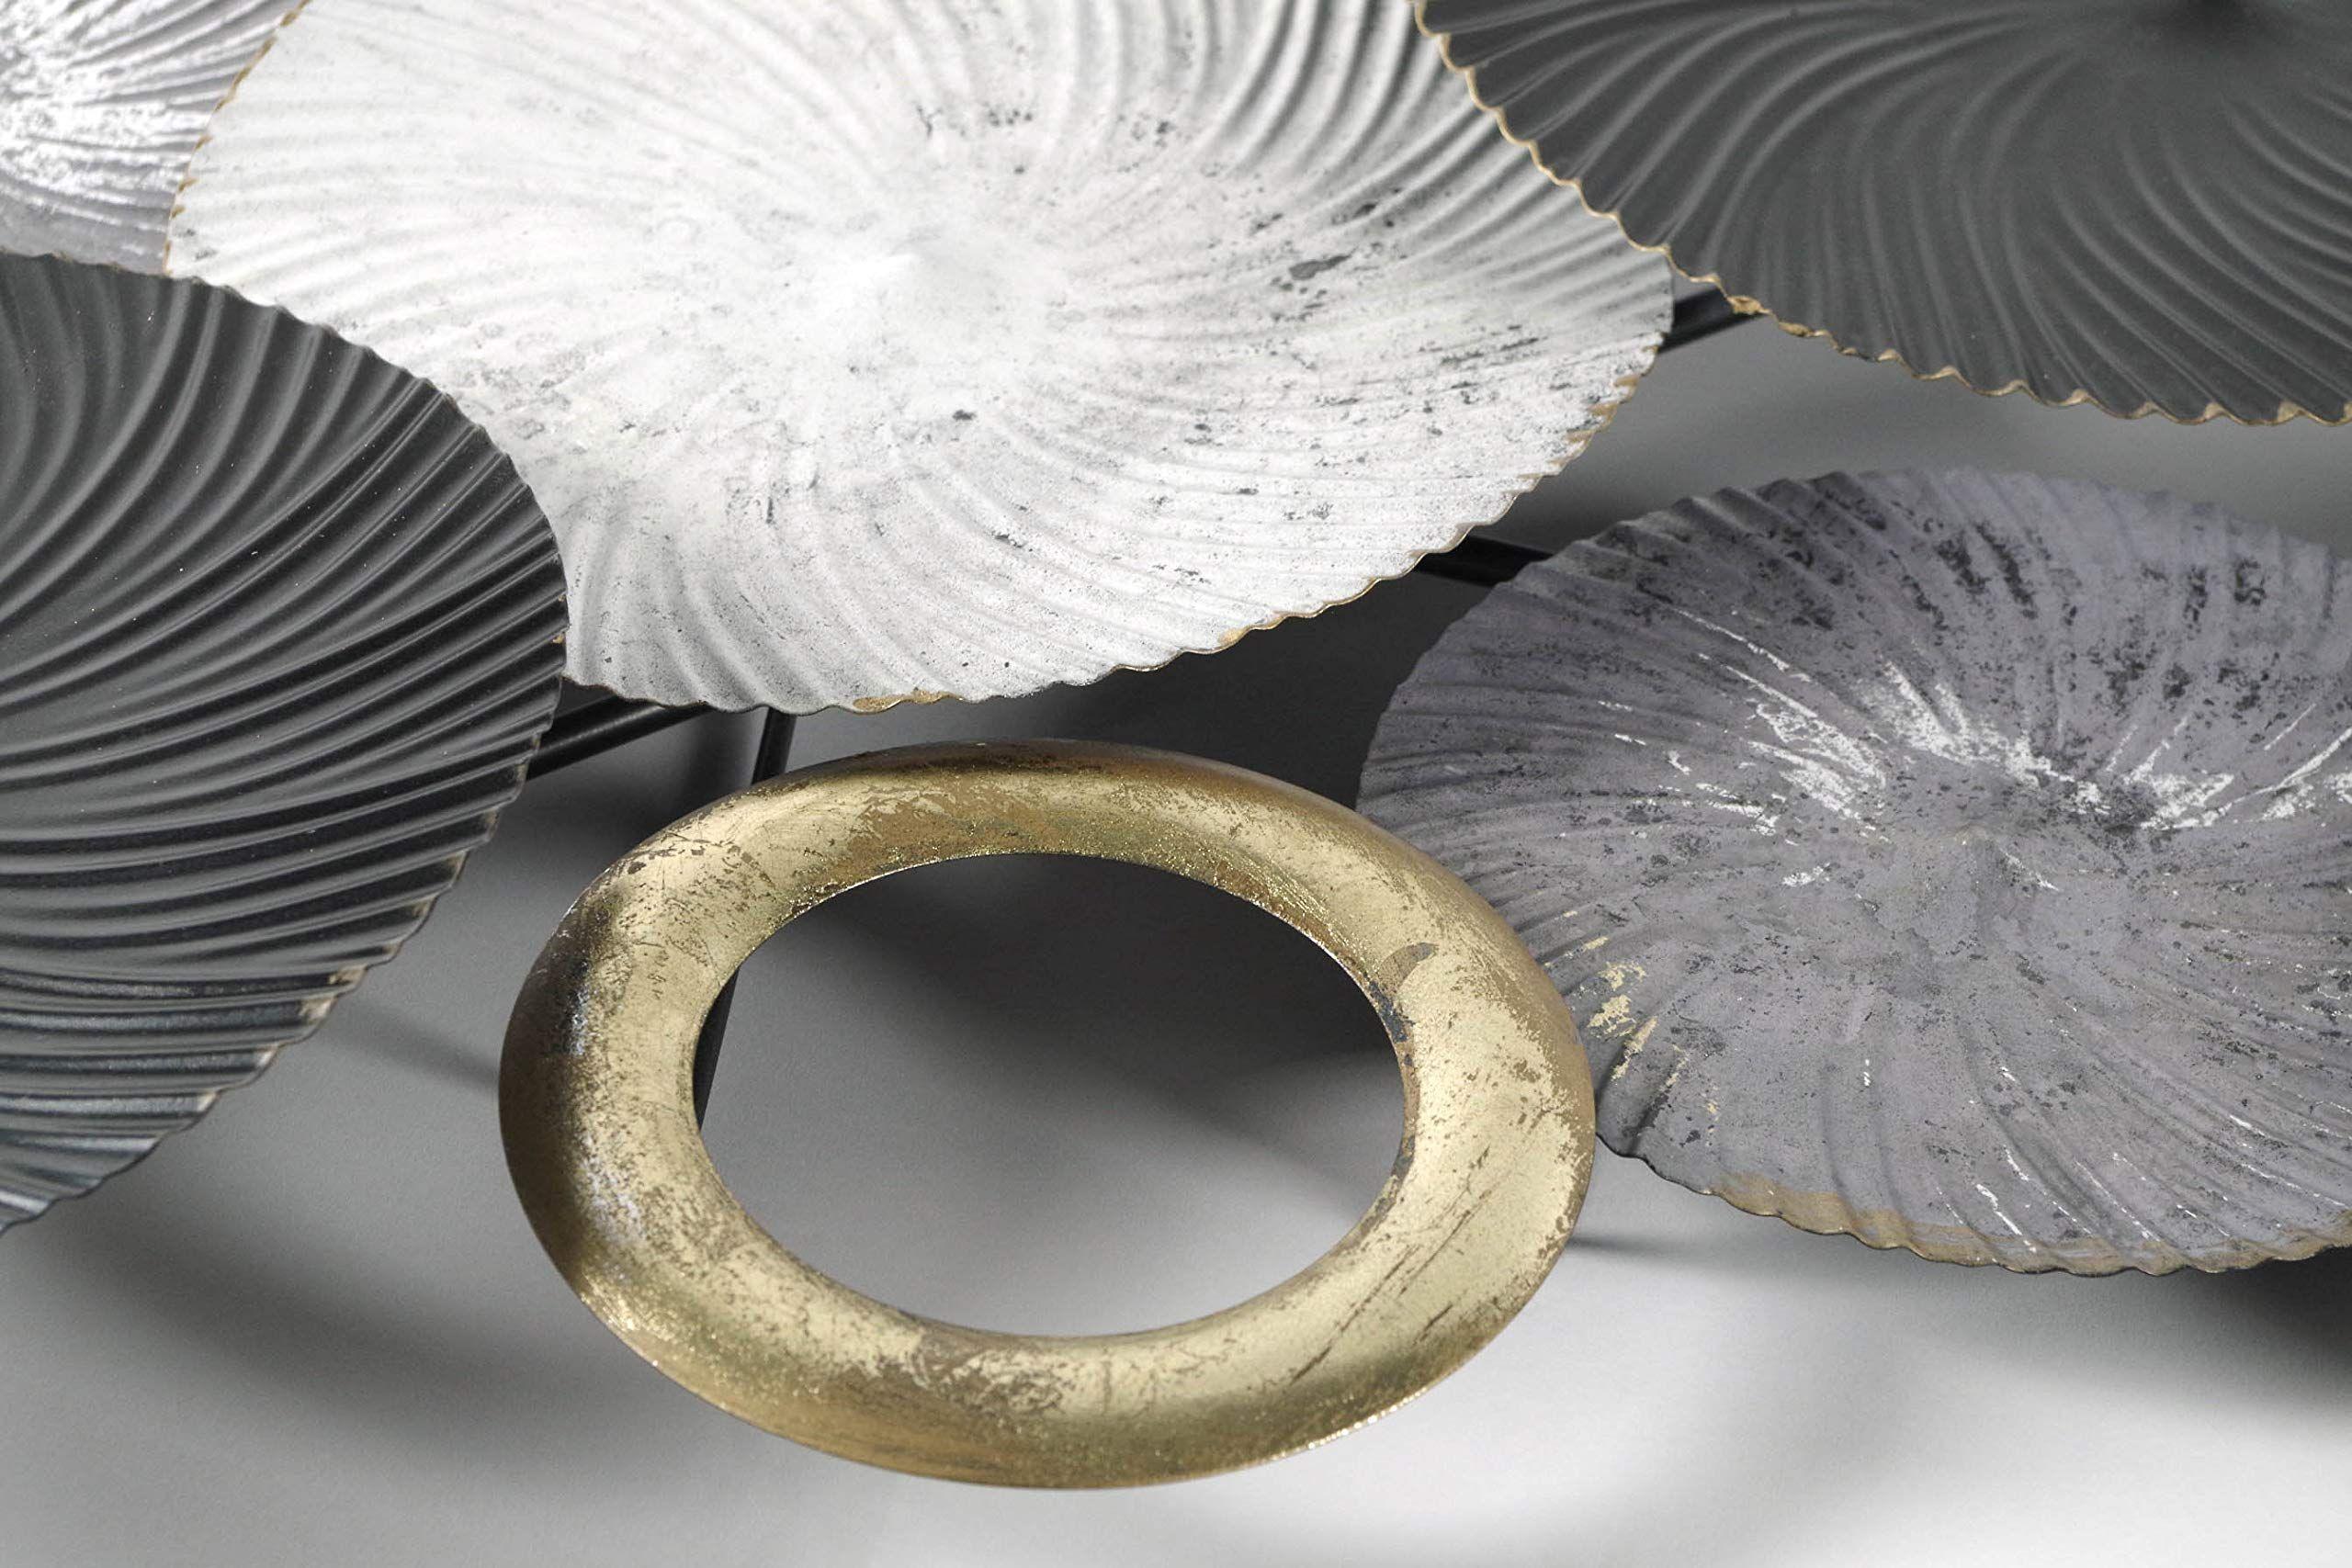 amazon de kobolo wandbild metallbild 3d bild swirl metall weiss grau gold ca 120x54 cm bilder wandbilder 3 d deko für die wand aus wanddekoration engelsflügel